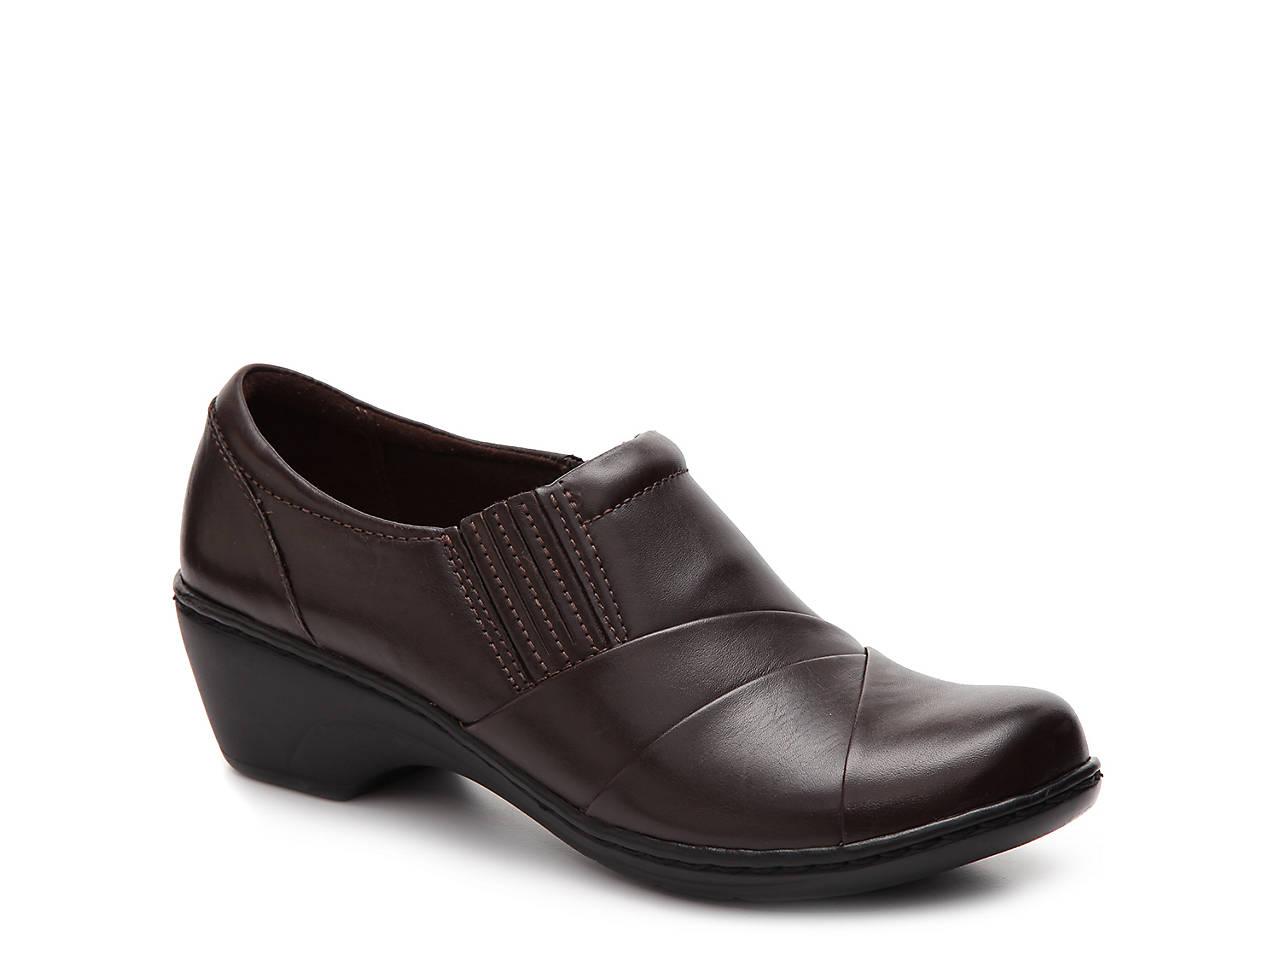 d4563b2e7e8 Clarks Channing Essa Slip-On Men s Shoes